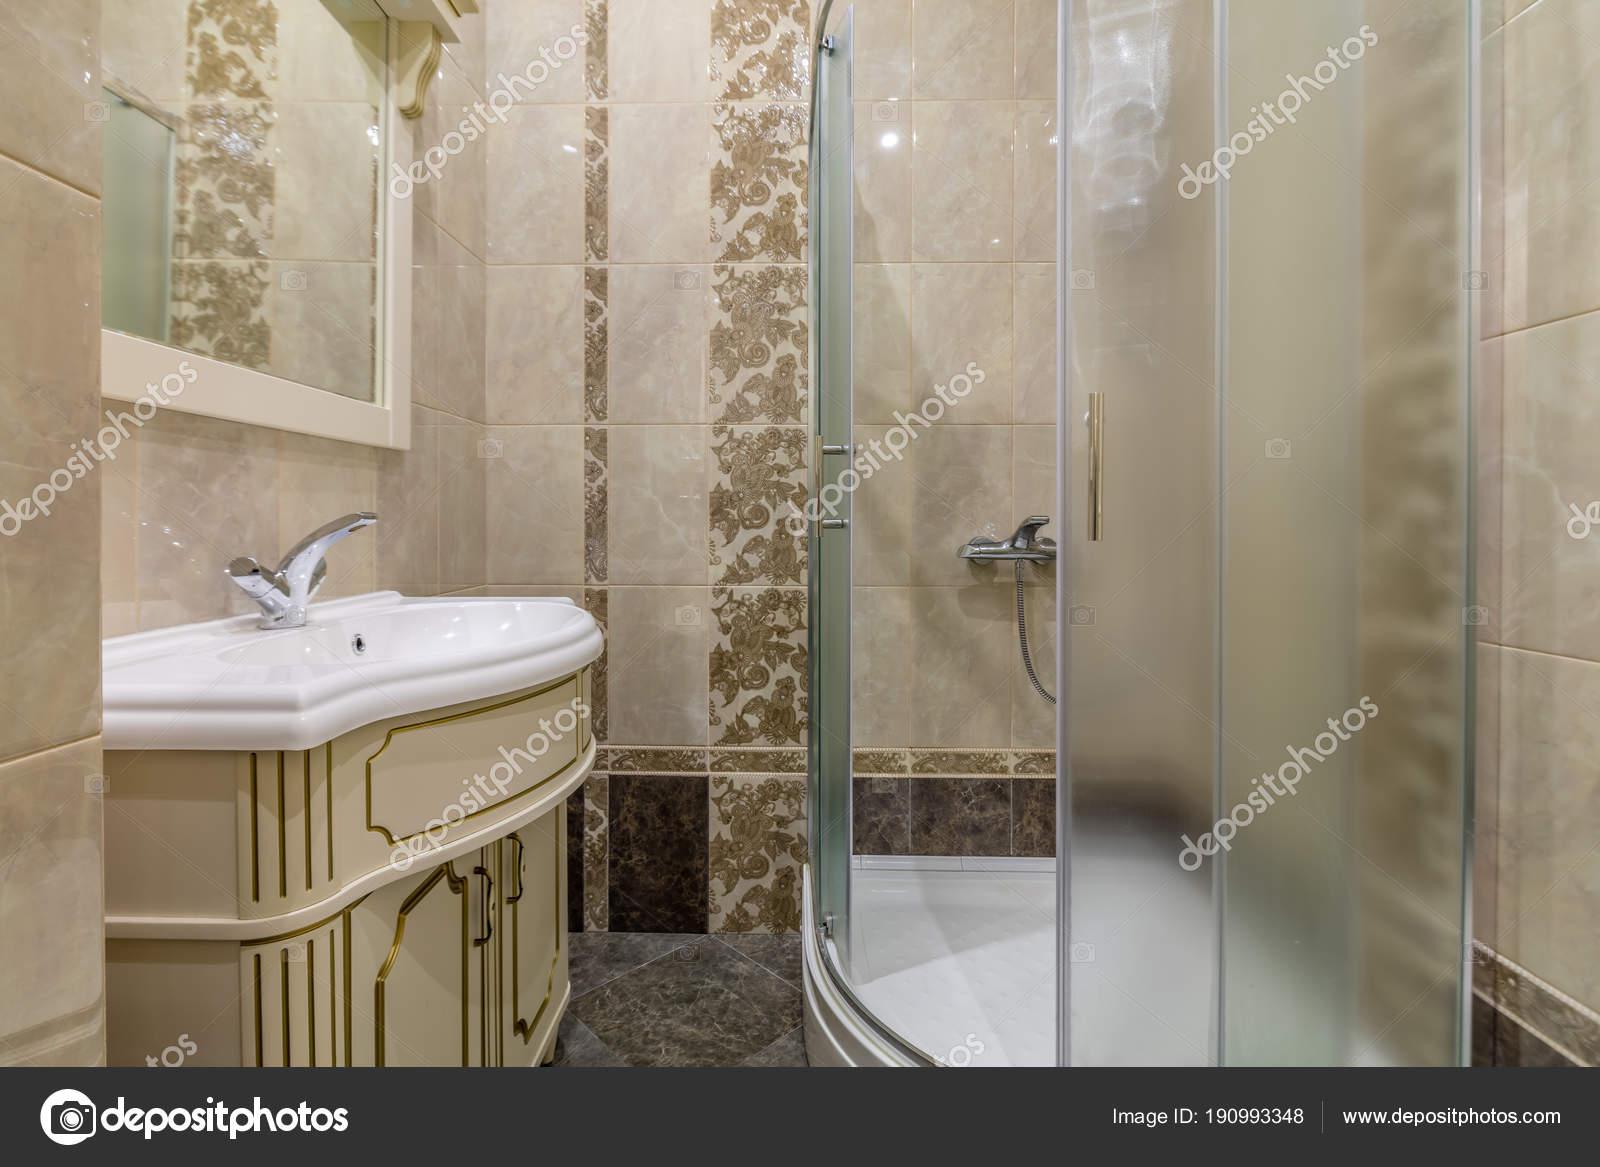 Bagno Beige Piccolo : Piastrelle beige piccolo bagno con box doccia lavandino u2014 foto stock